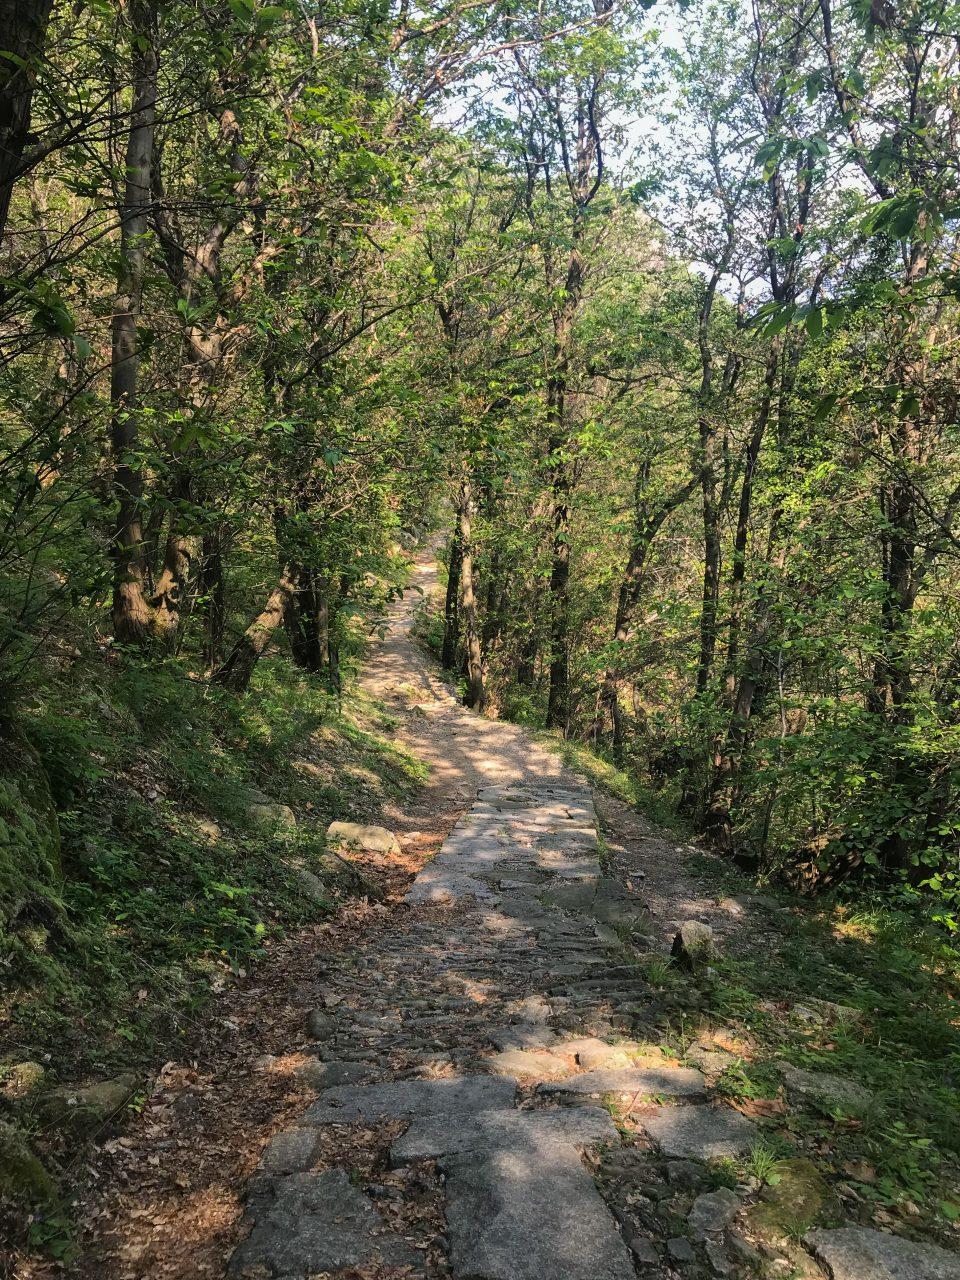 Passeggiata - Mergozzo - montorfano - Verbania - istanti in viaggio - sentiero azzurro